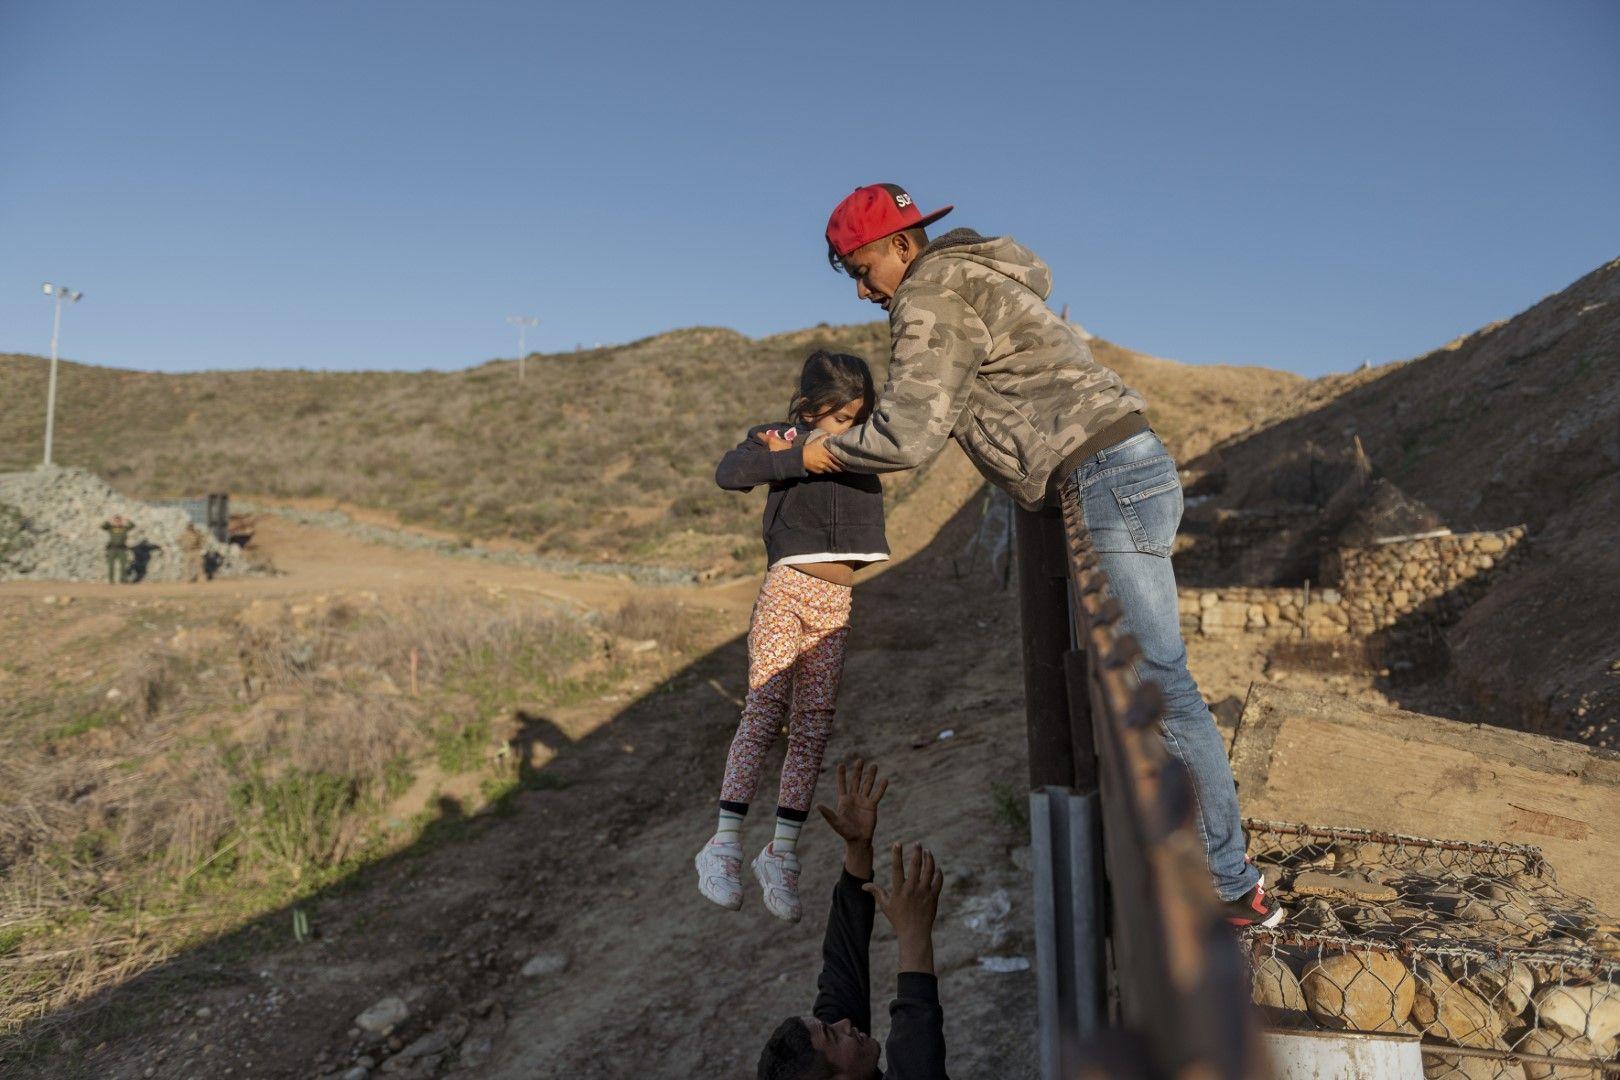 Мигранти от Хондурас преминават през оградата по границата между САЩ и Мексико при Сан Диего, Калифорния